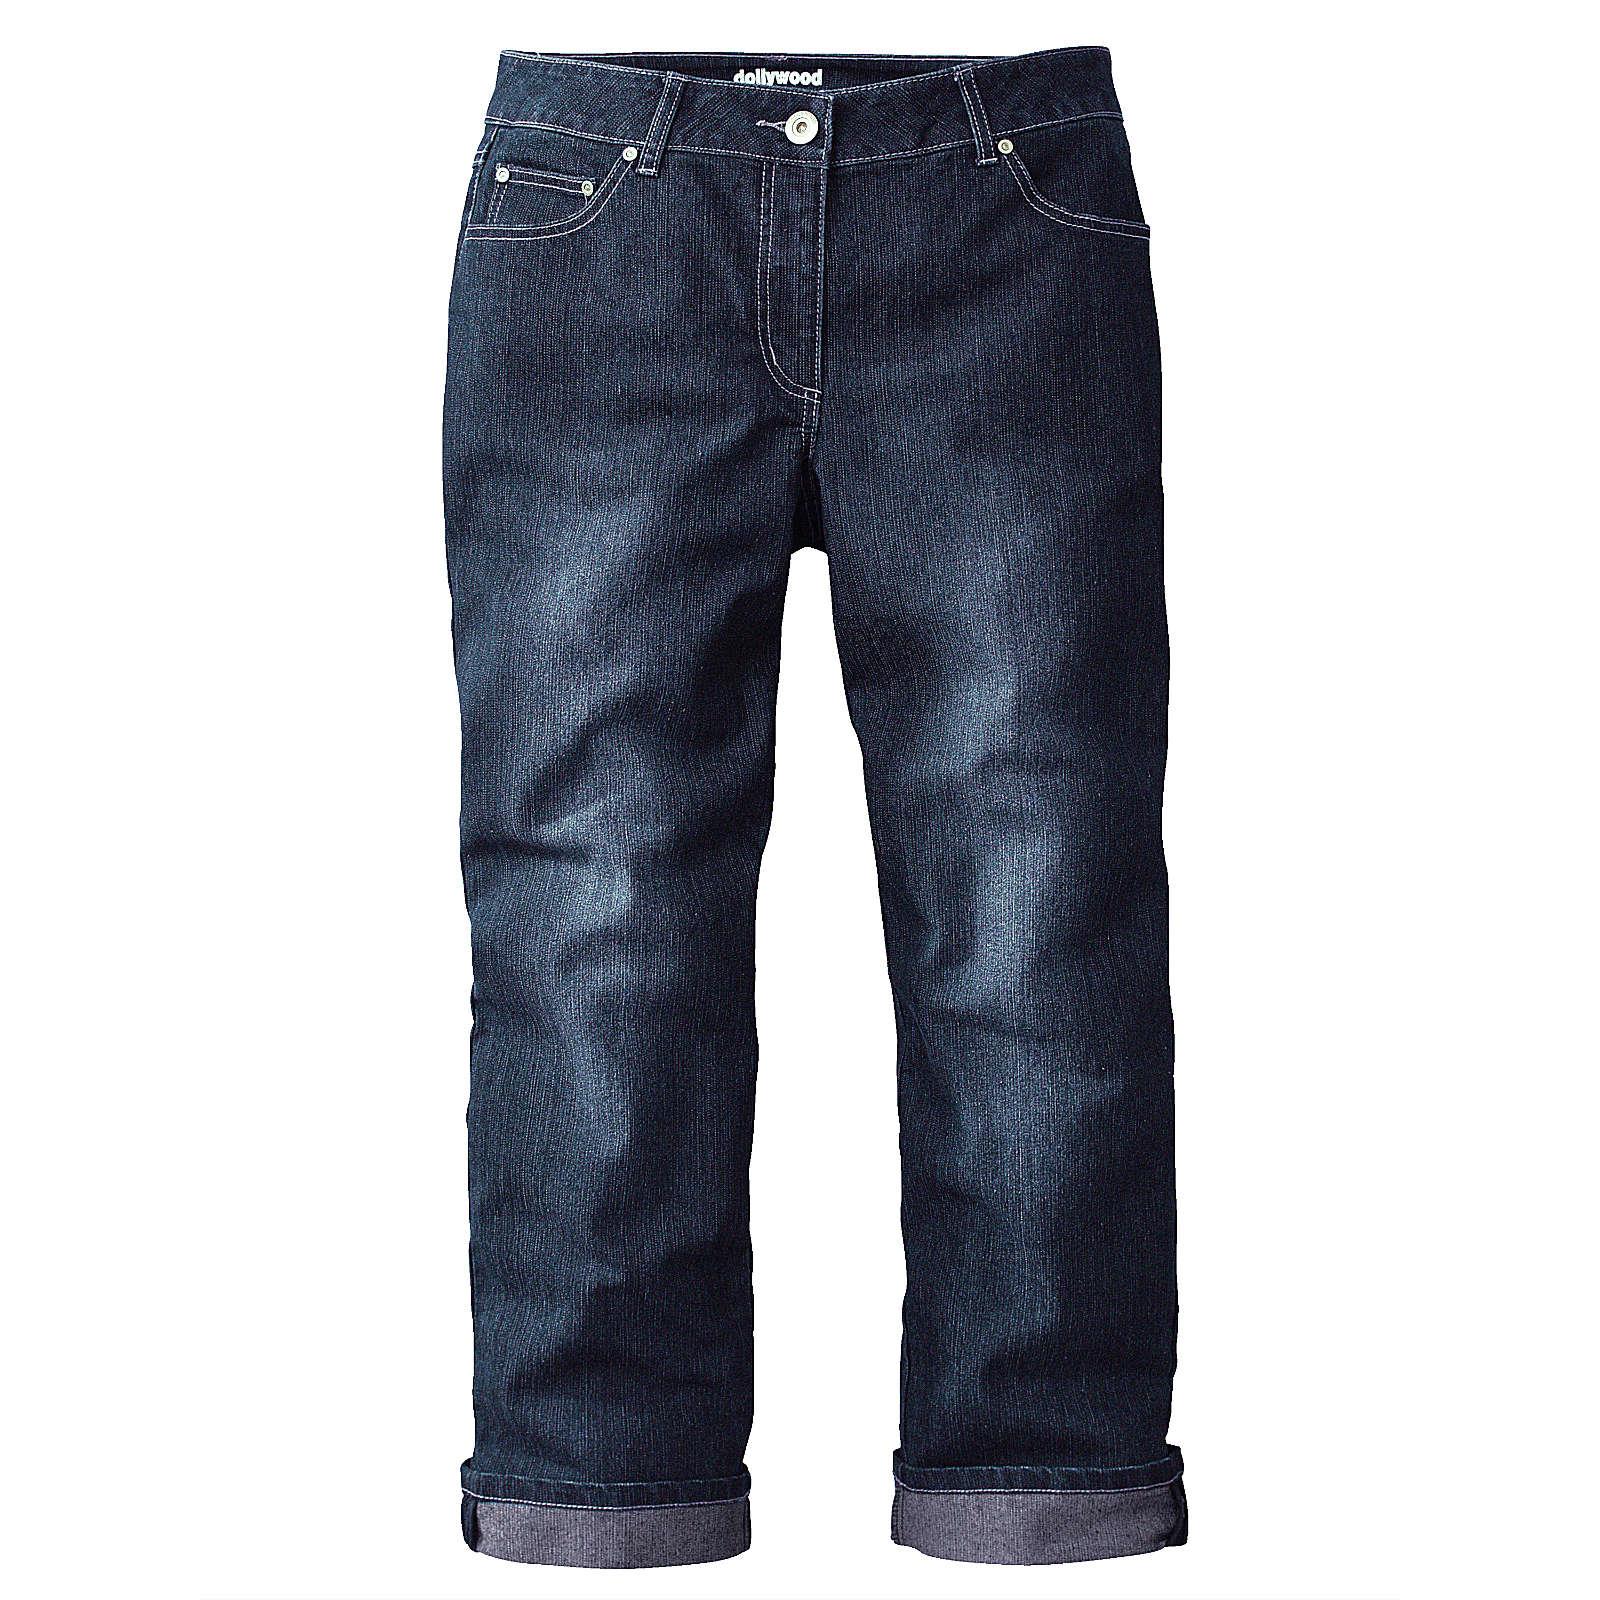 Dollywood Straight Cut Jeans Amy blau Damen Gr. 48